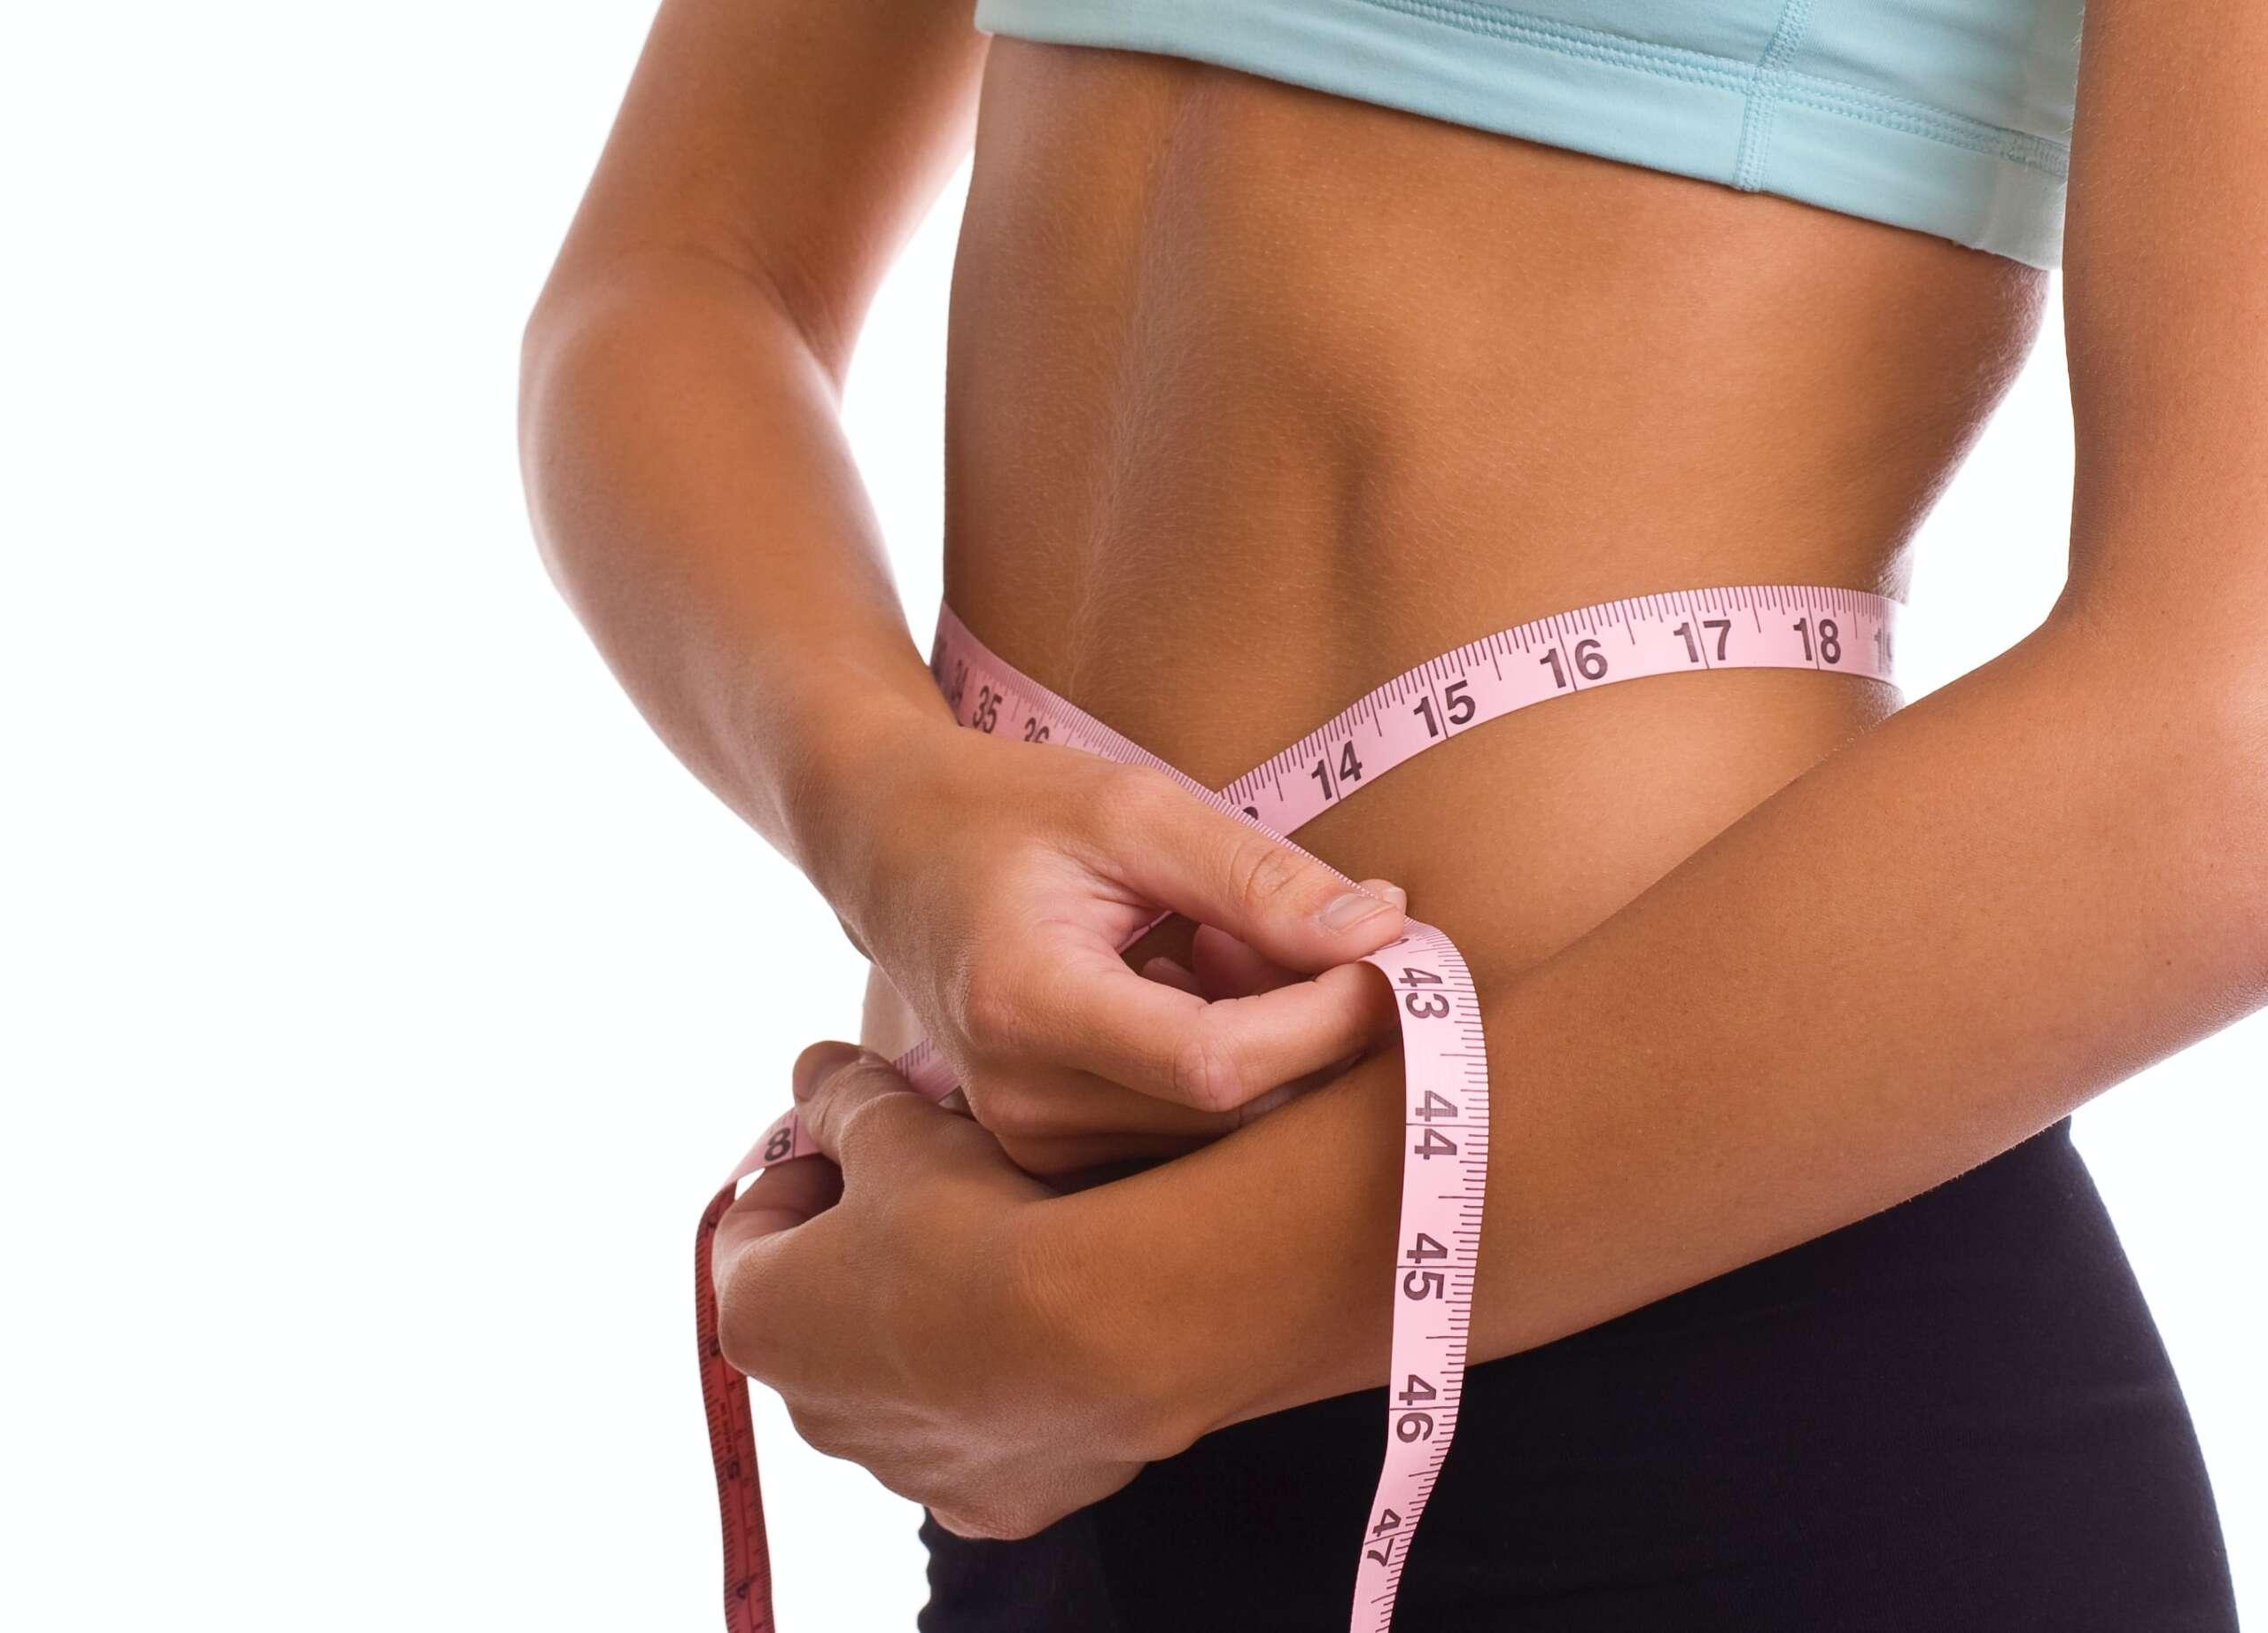 pierdere în greutate ds